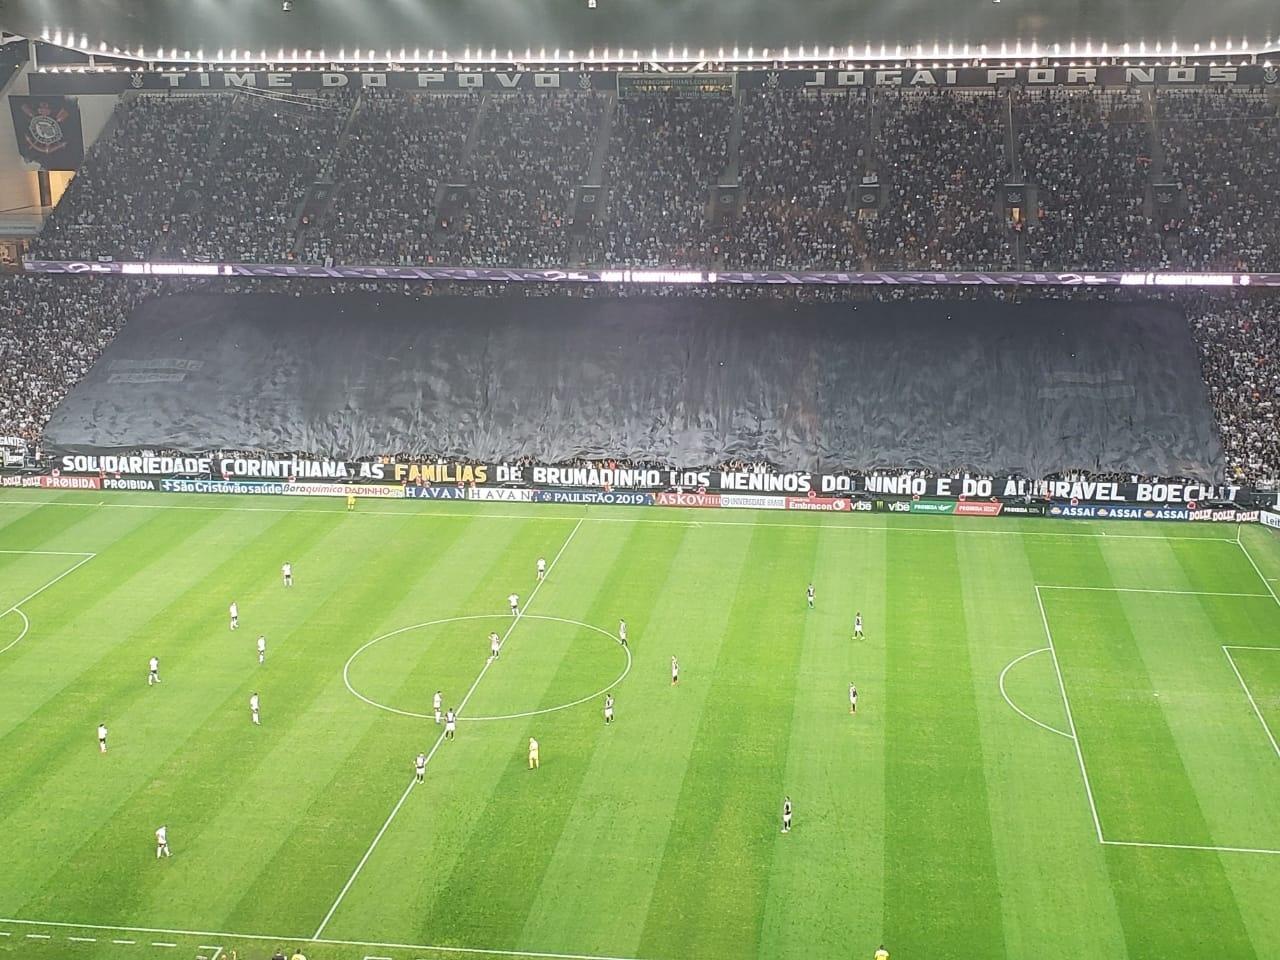 f1efd6401b Corinthians homenageia Boechat e vítimas de Brumadinho e Ninho do Urubu -  17 02 2019 - UOL Esporte